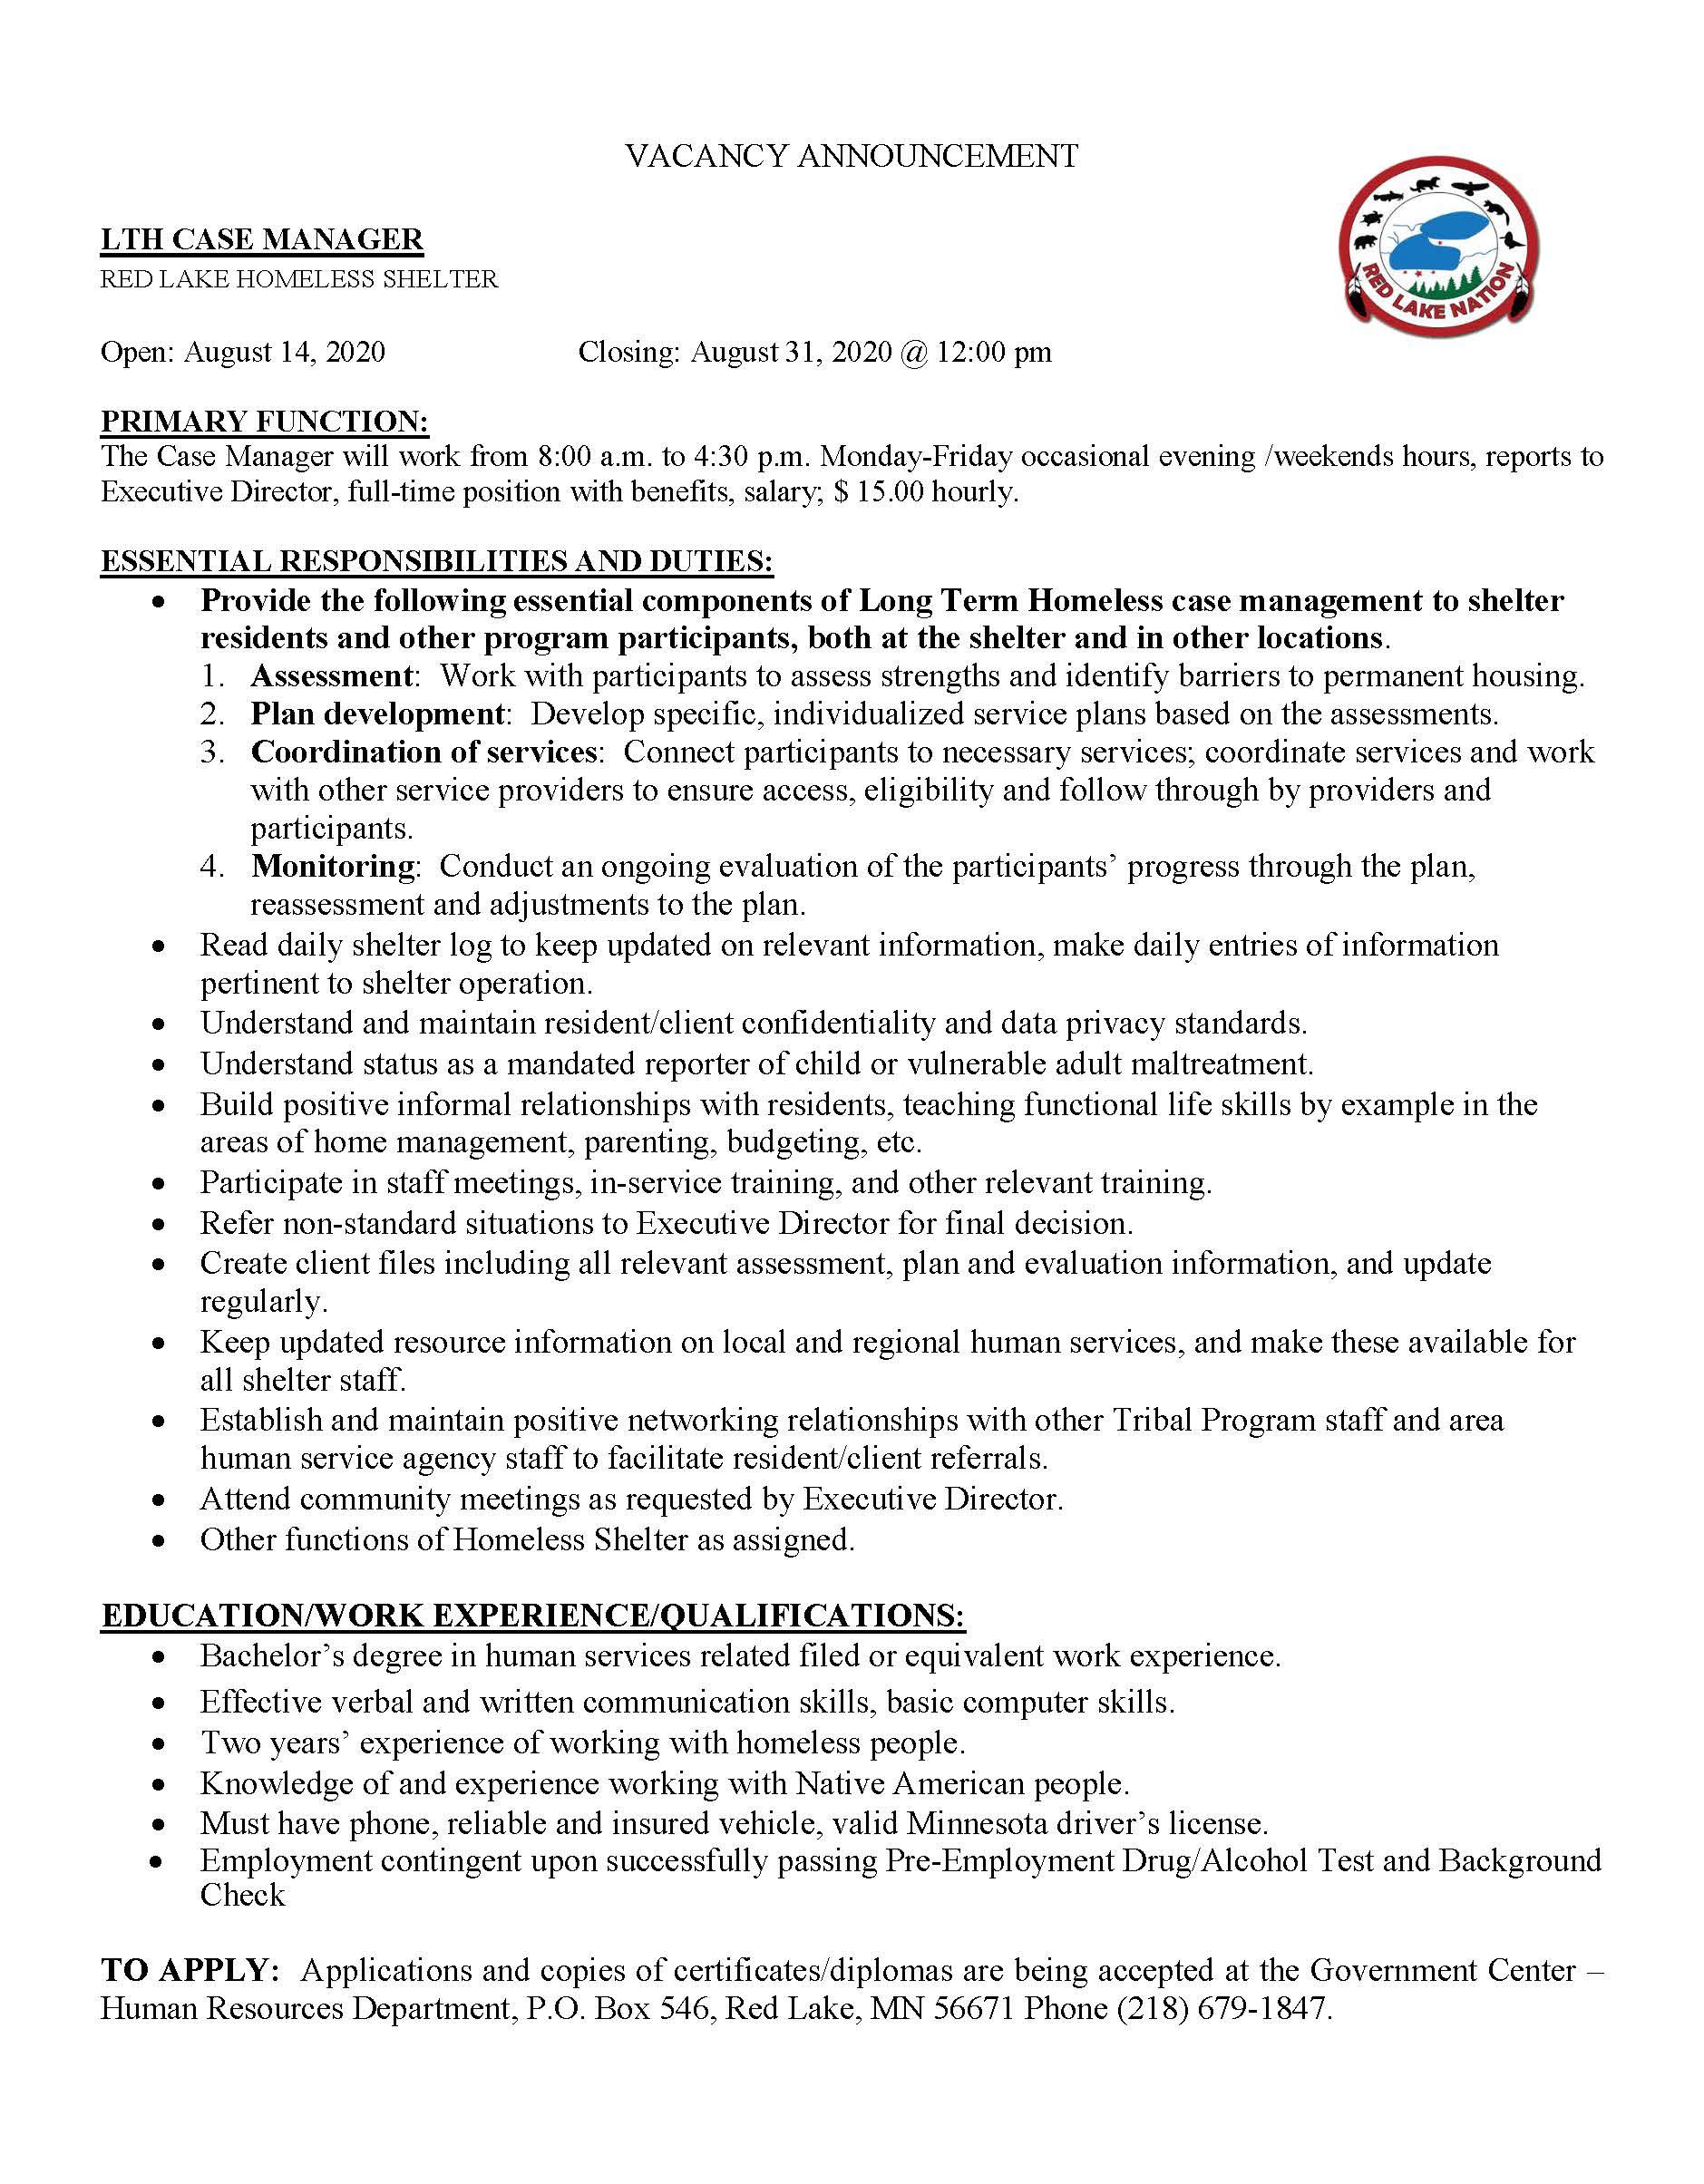 LTH-Case Manager-Homeless Shelter-job posting 8-14-2020